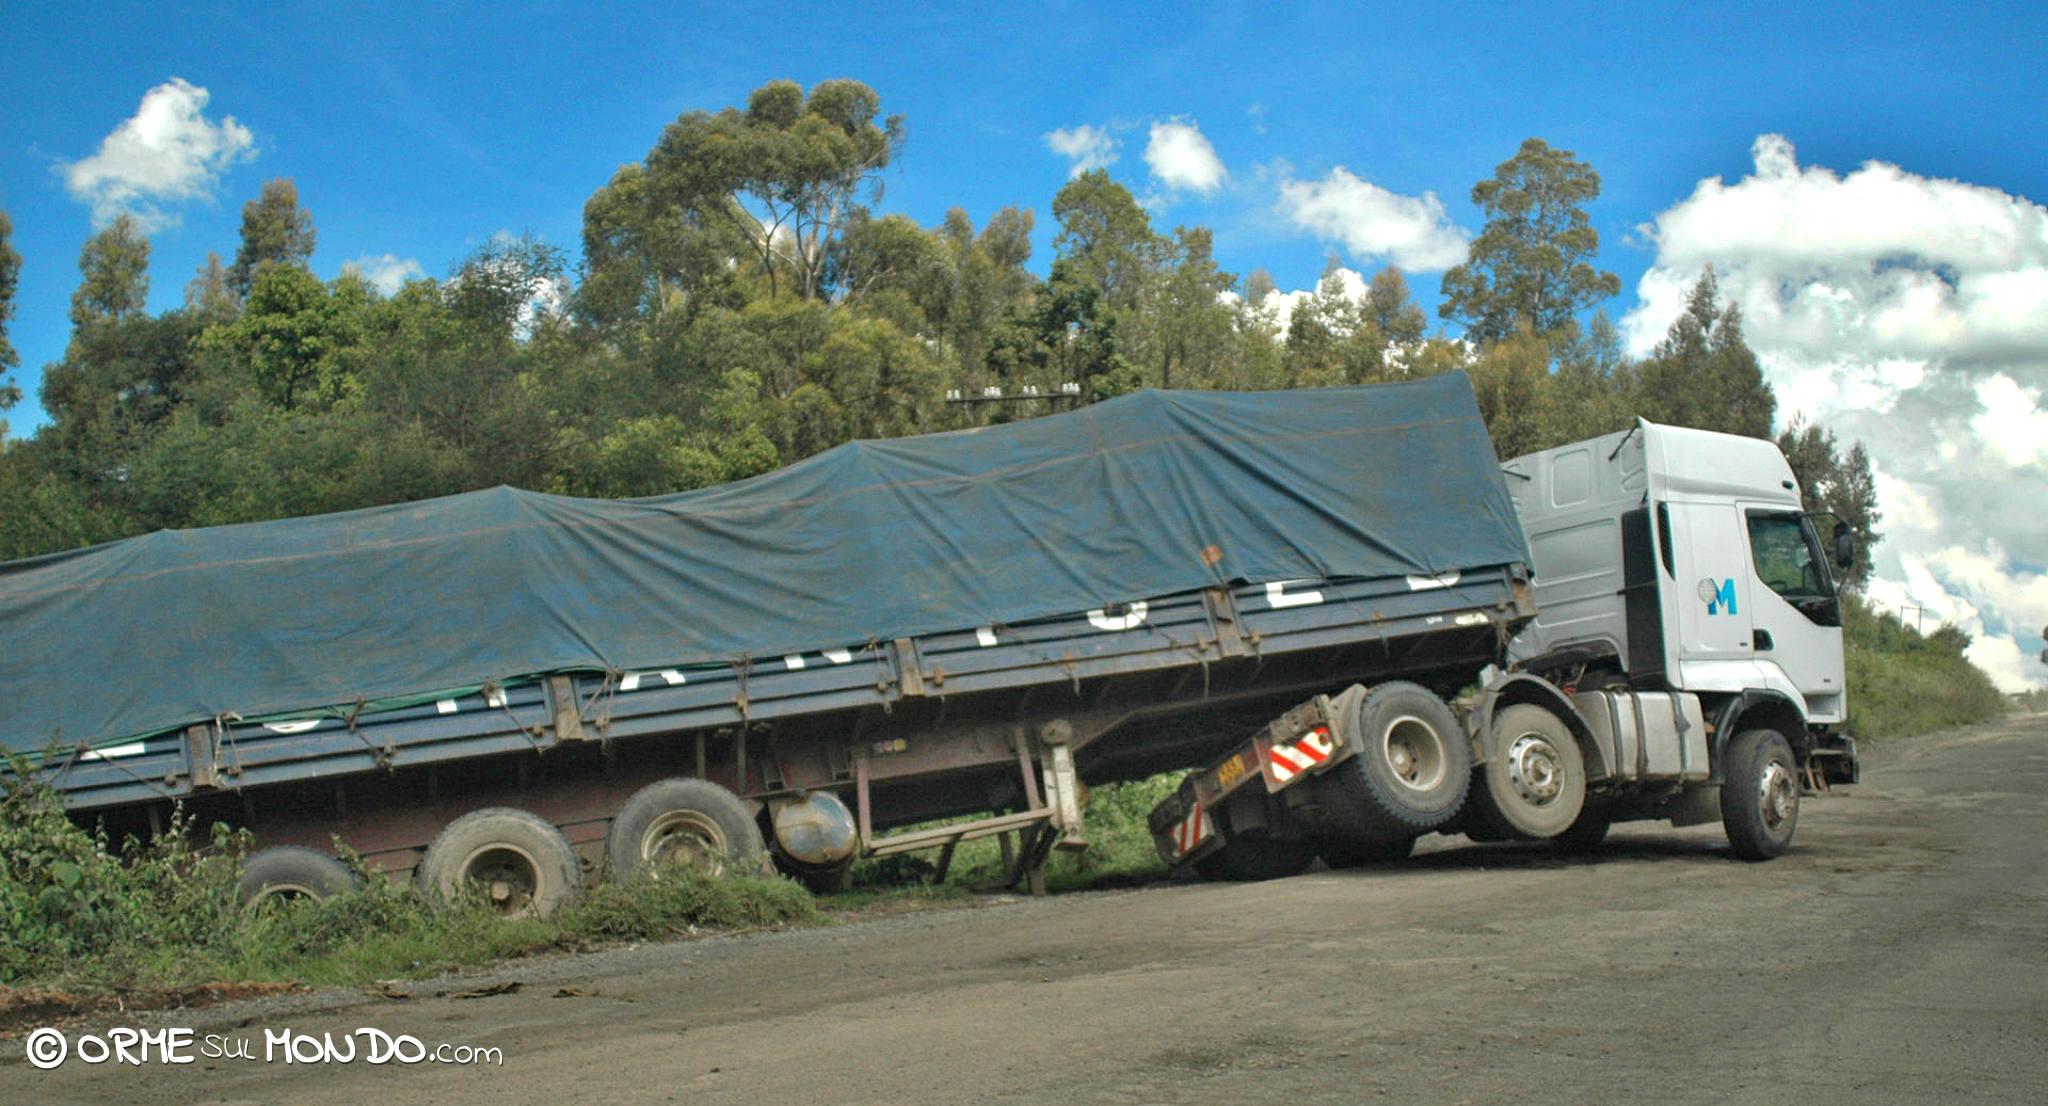 Sulla strada per Nairobi occorre guidare con prudenza per via degli autisti spericolati che si incrociano